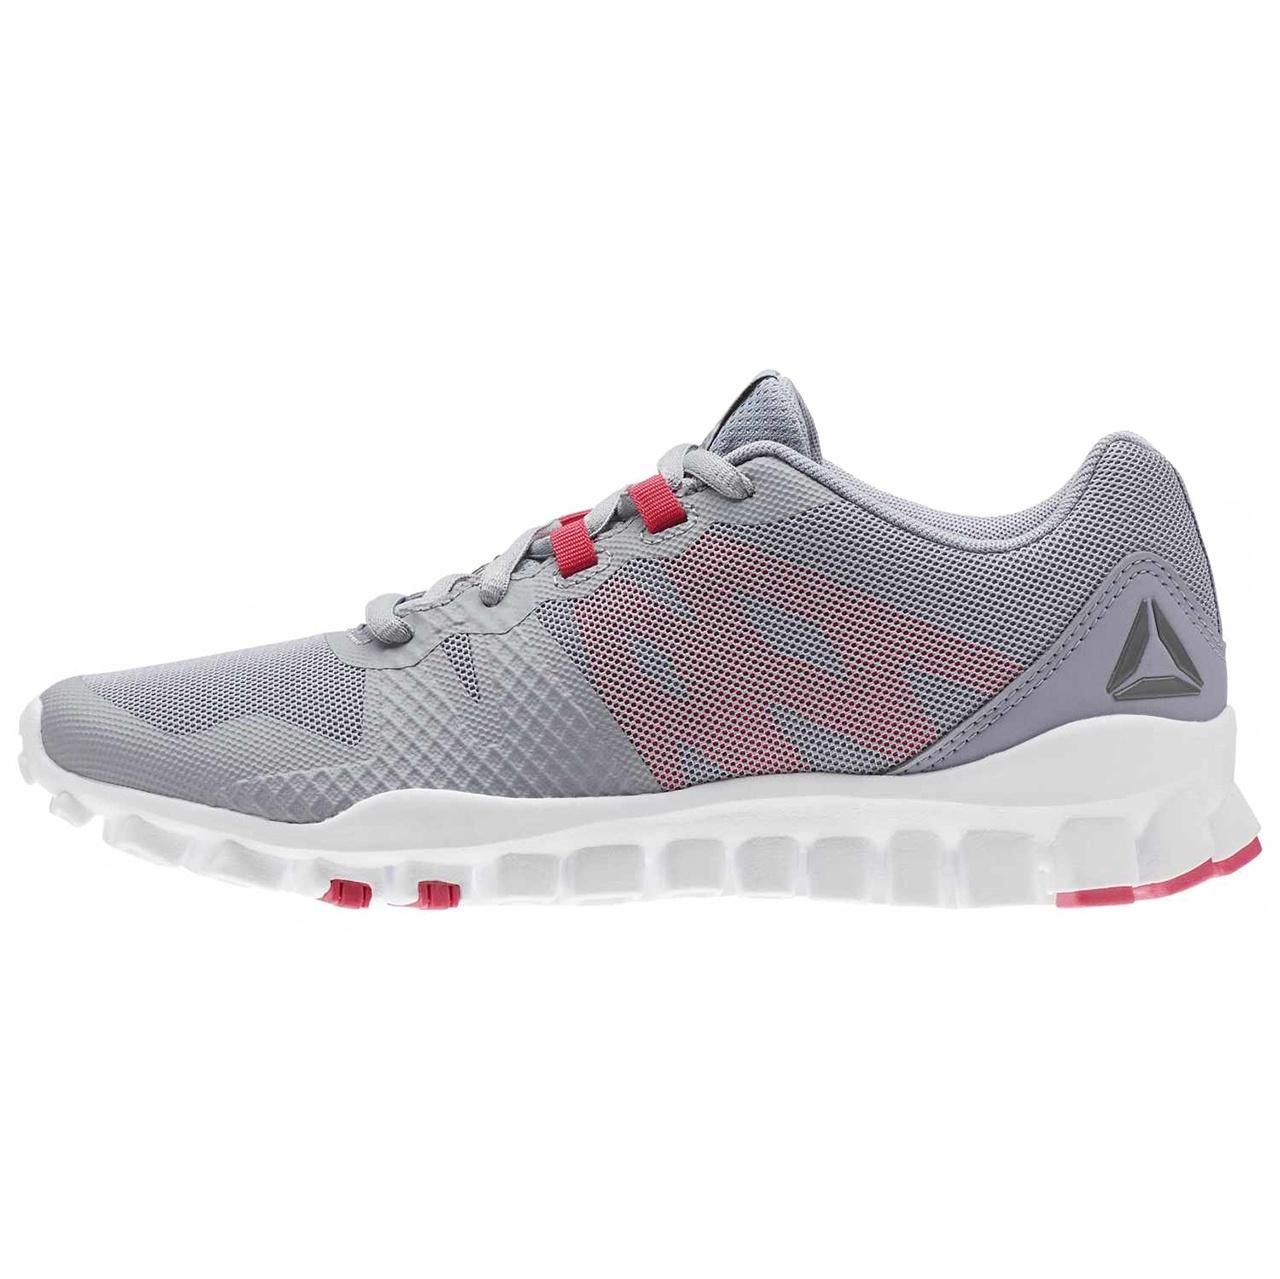 کفش مخصوص دویدن زنانه ریباک مدل REALFLEX TRAIN 5.0 AYAKKABI - CN2811